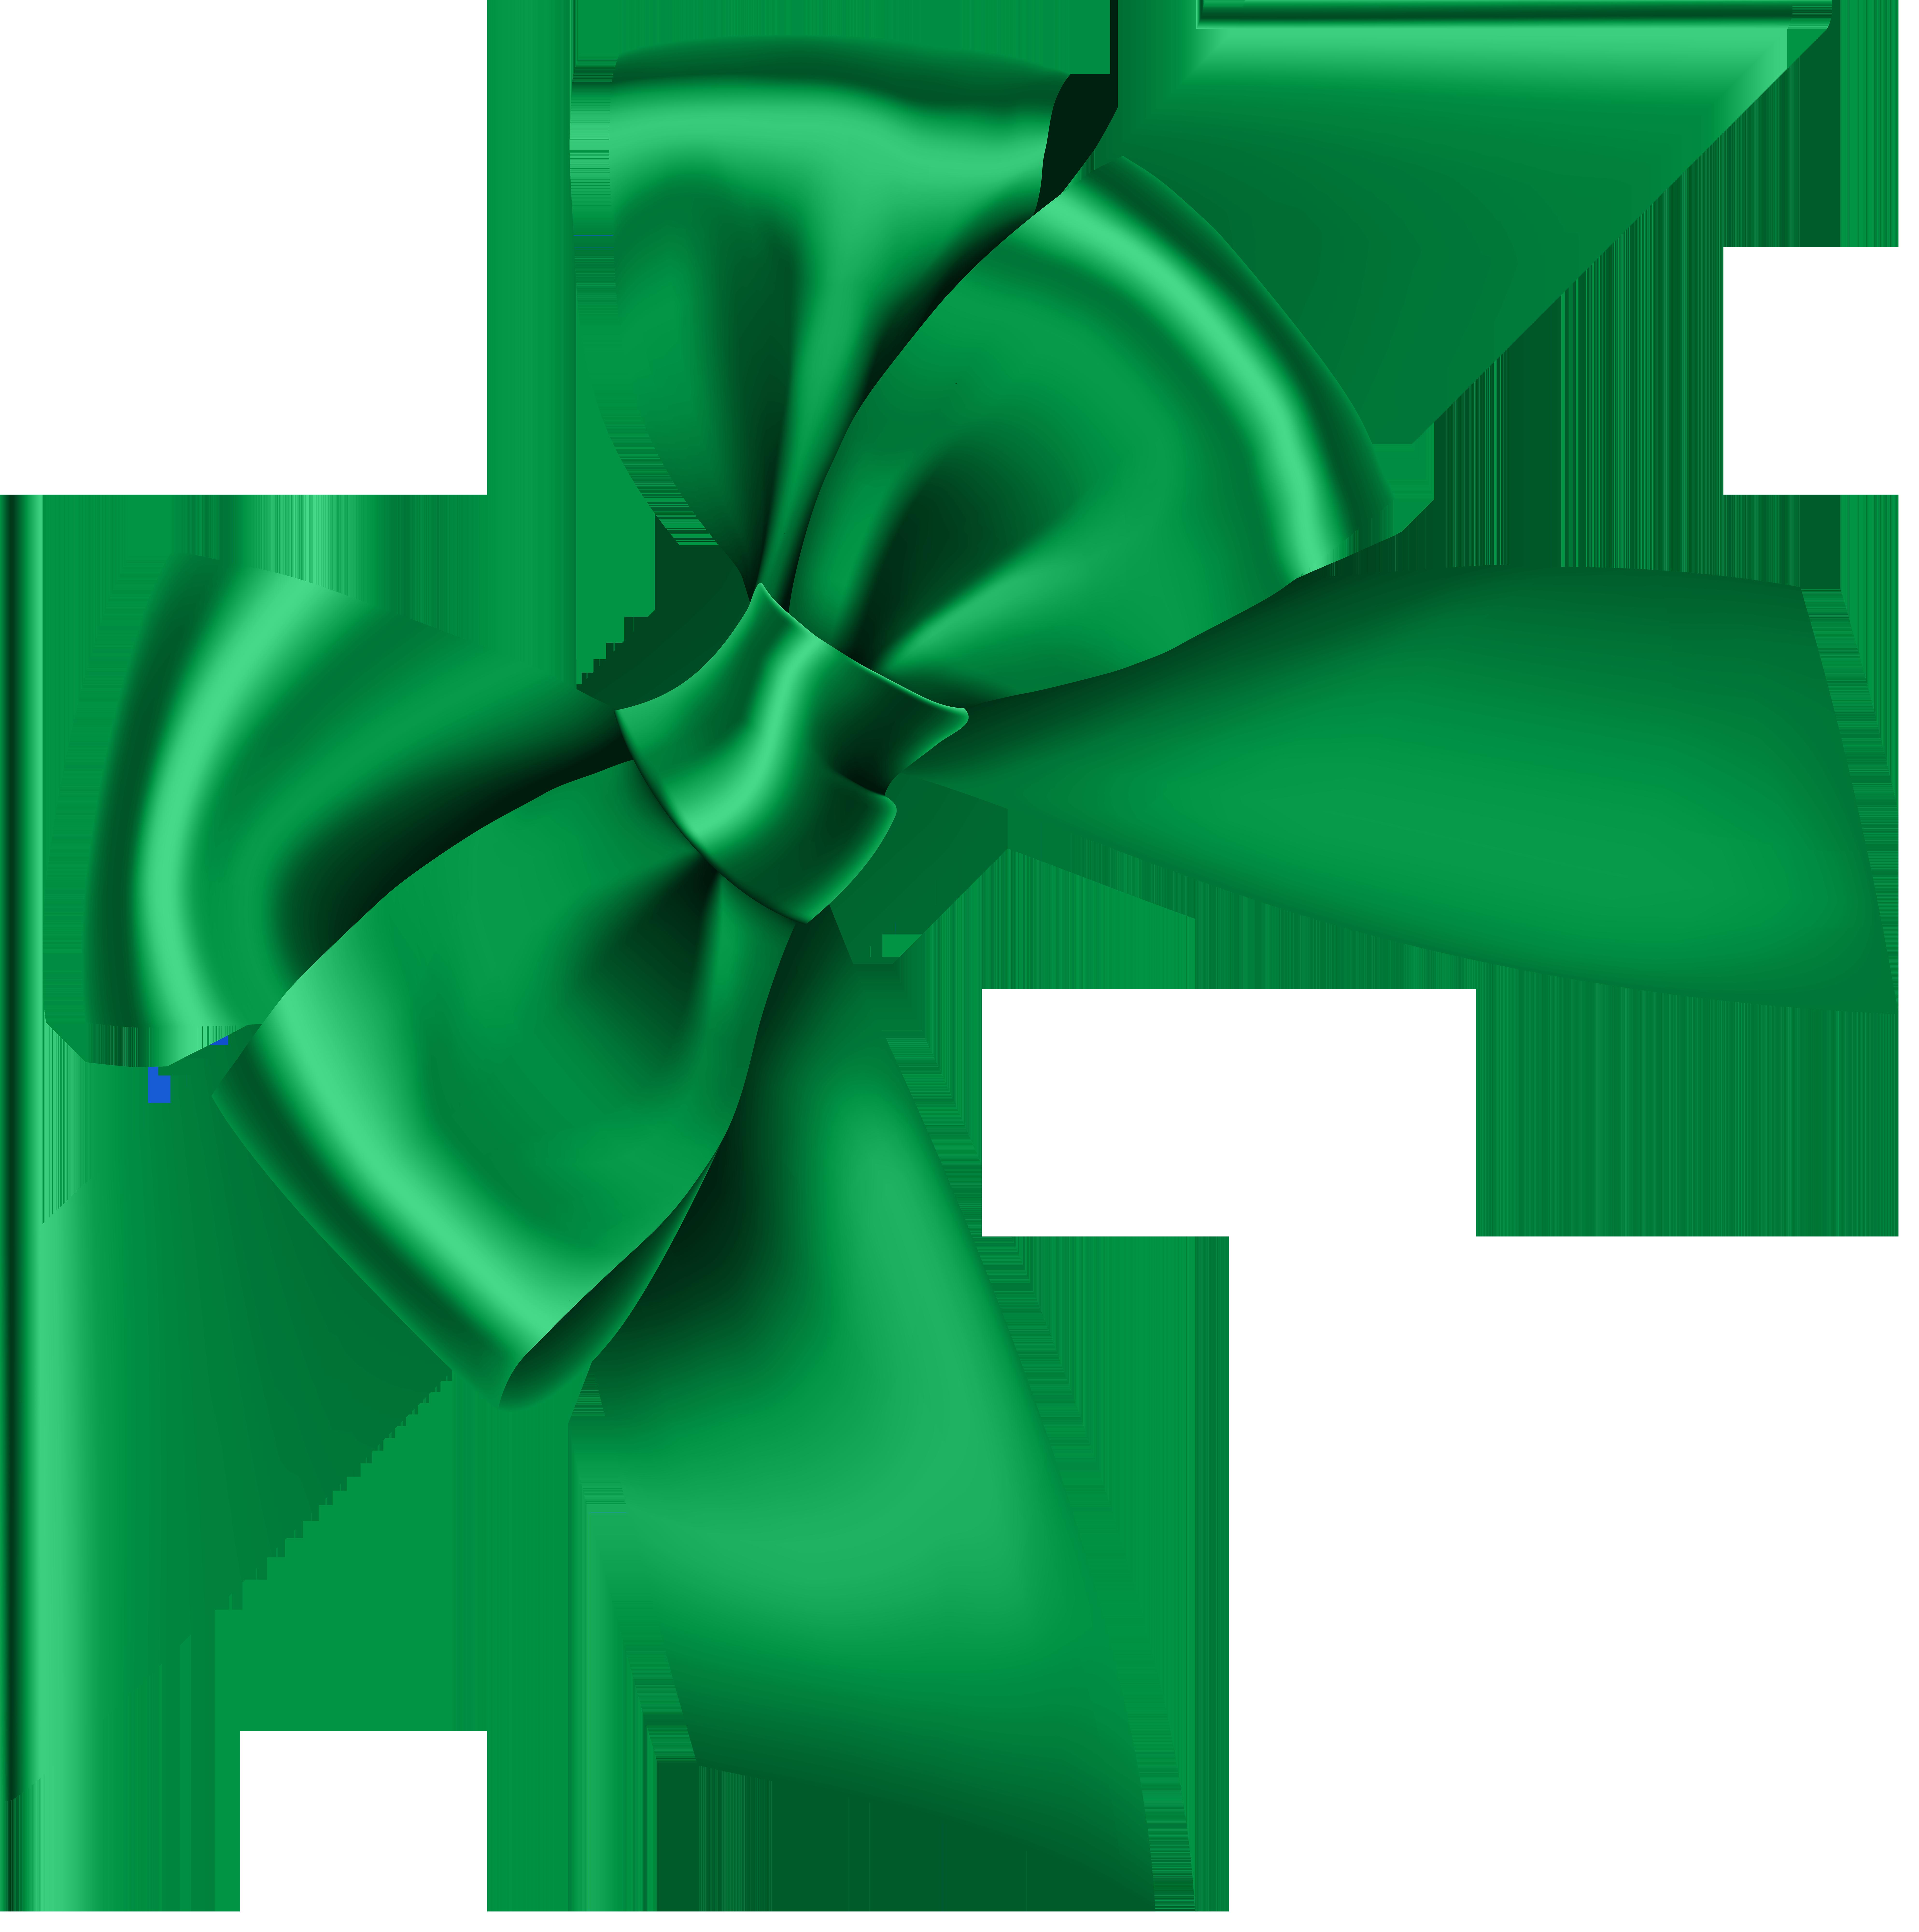 Corner transparent clip art. Clipart bow green